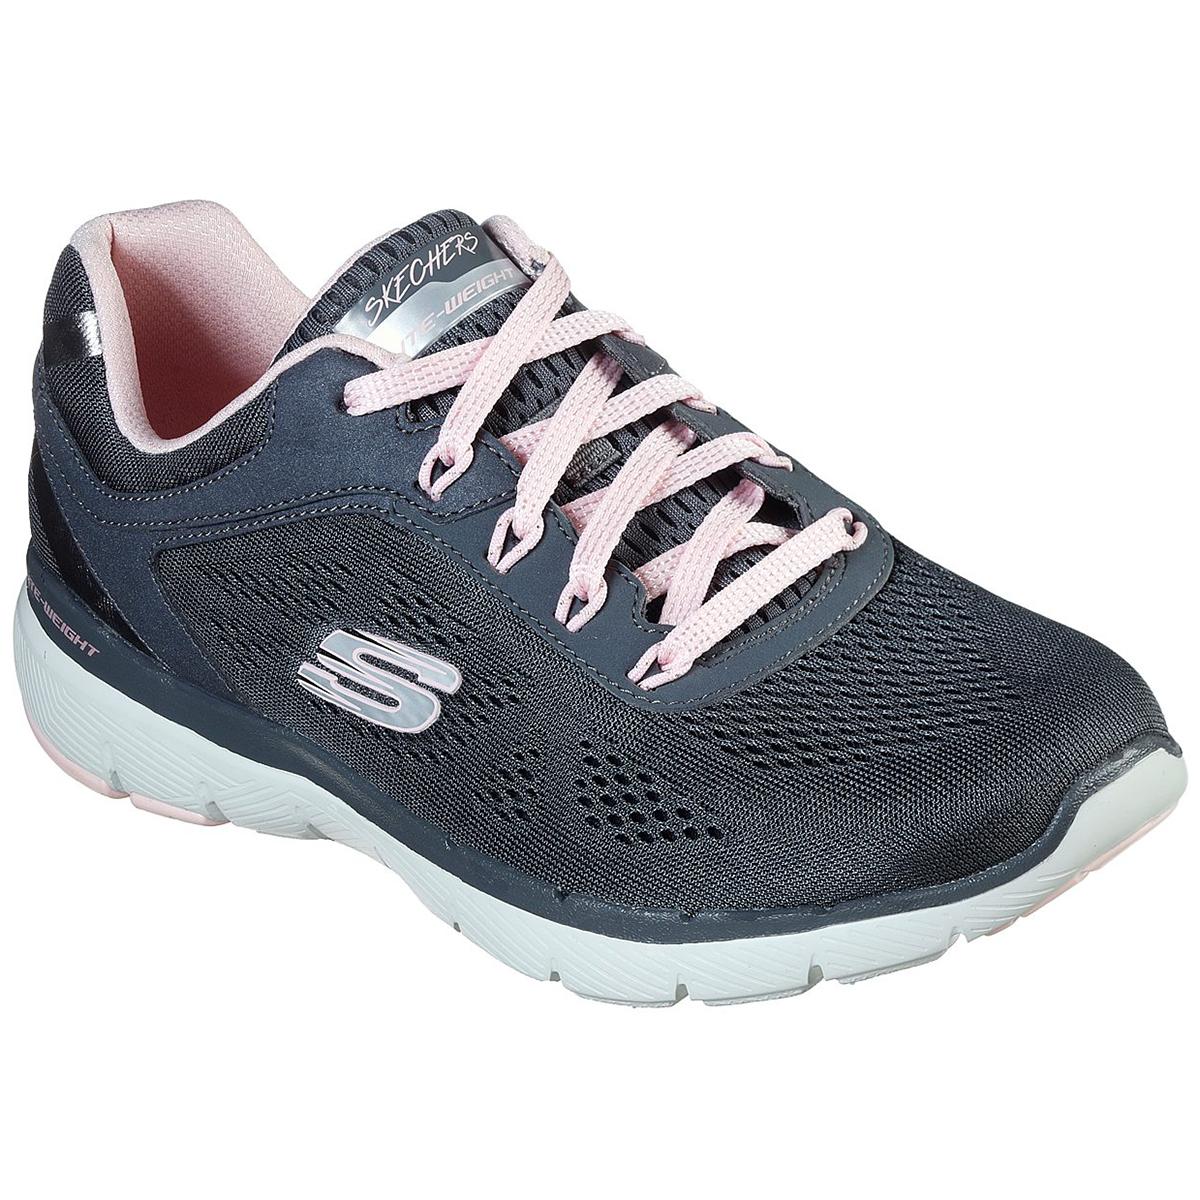 Skechers Women's Flex Appeal 3.0 Sneakers - Black, 9